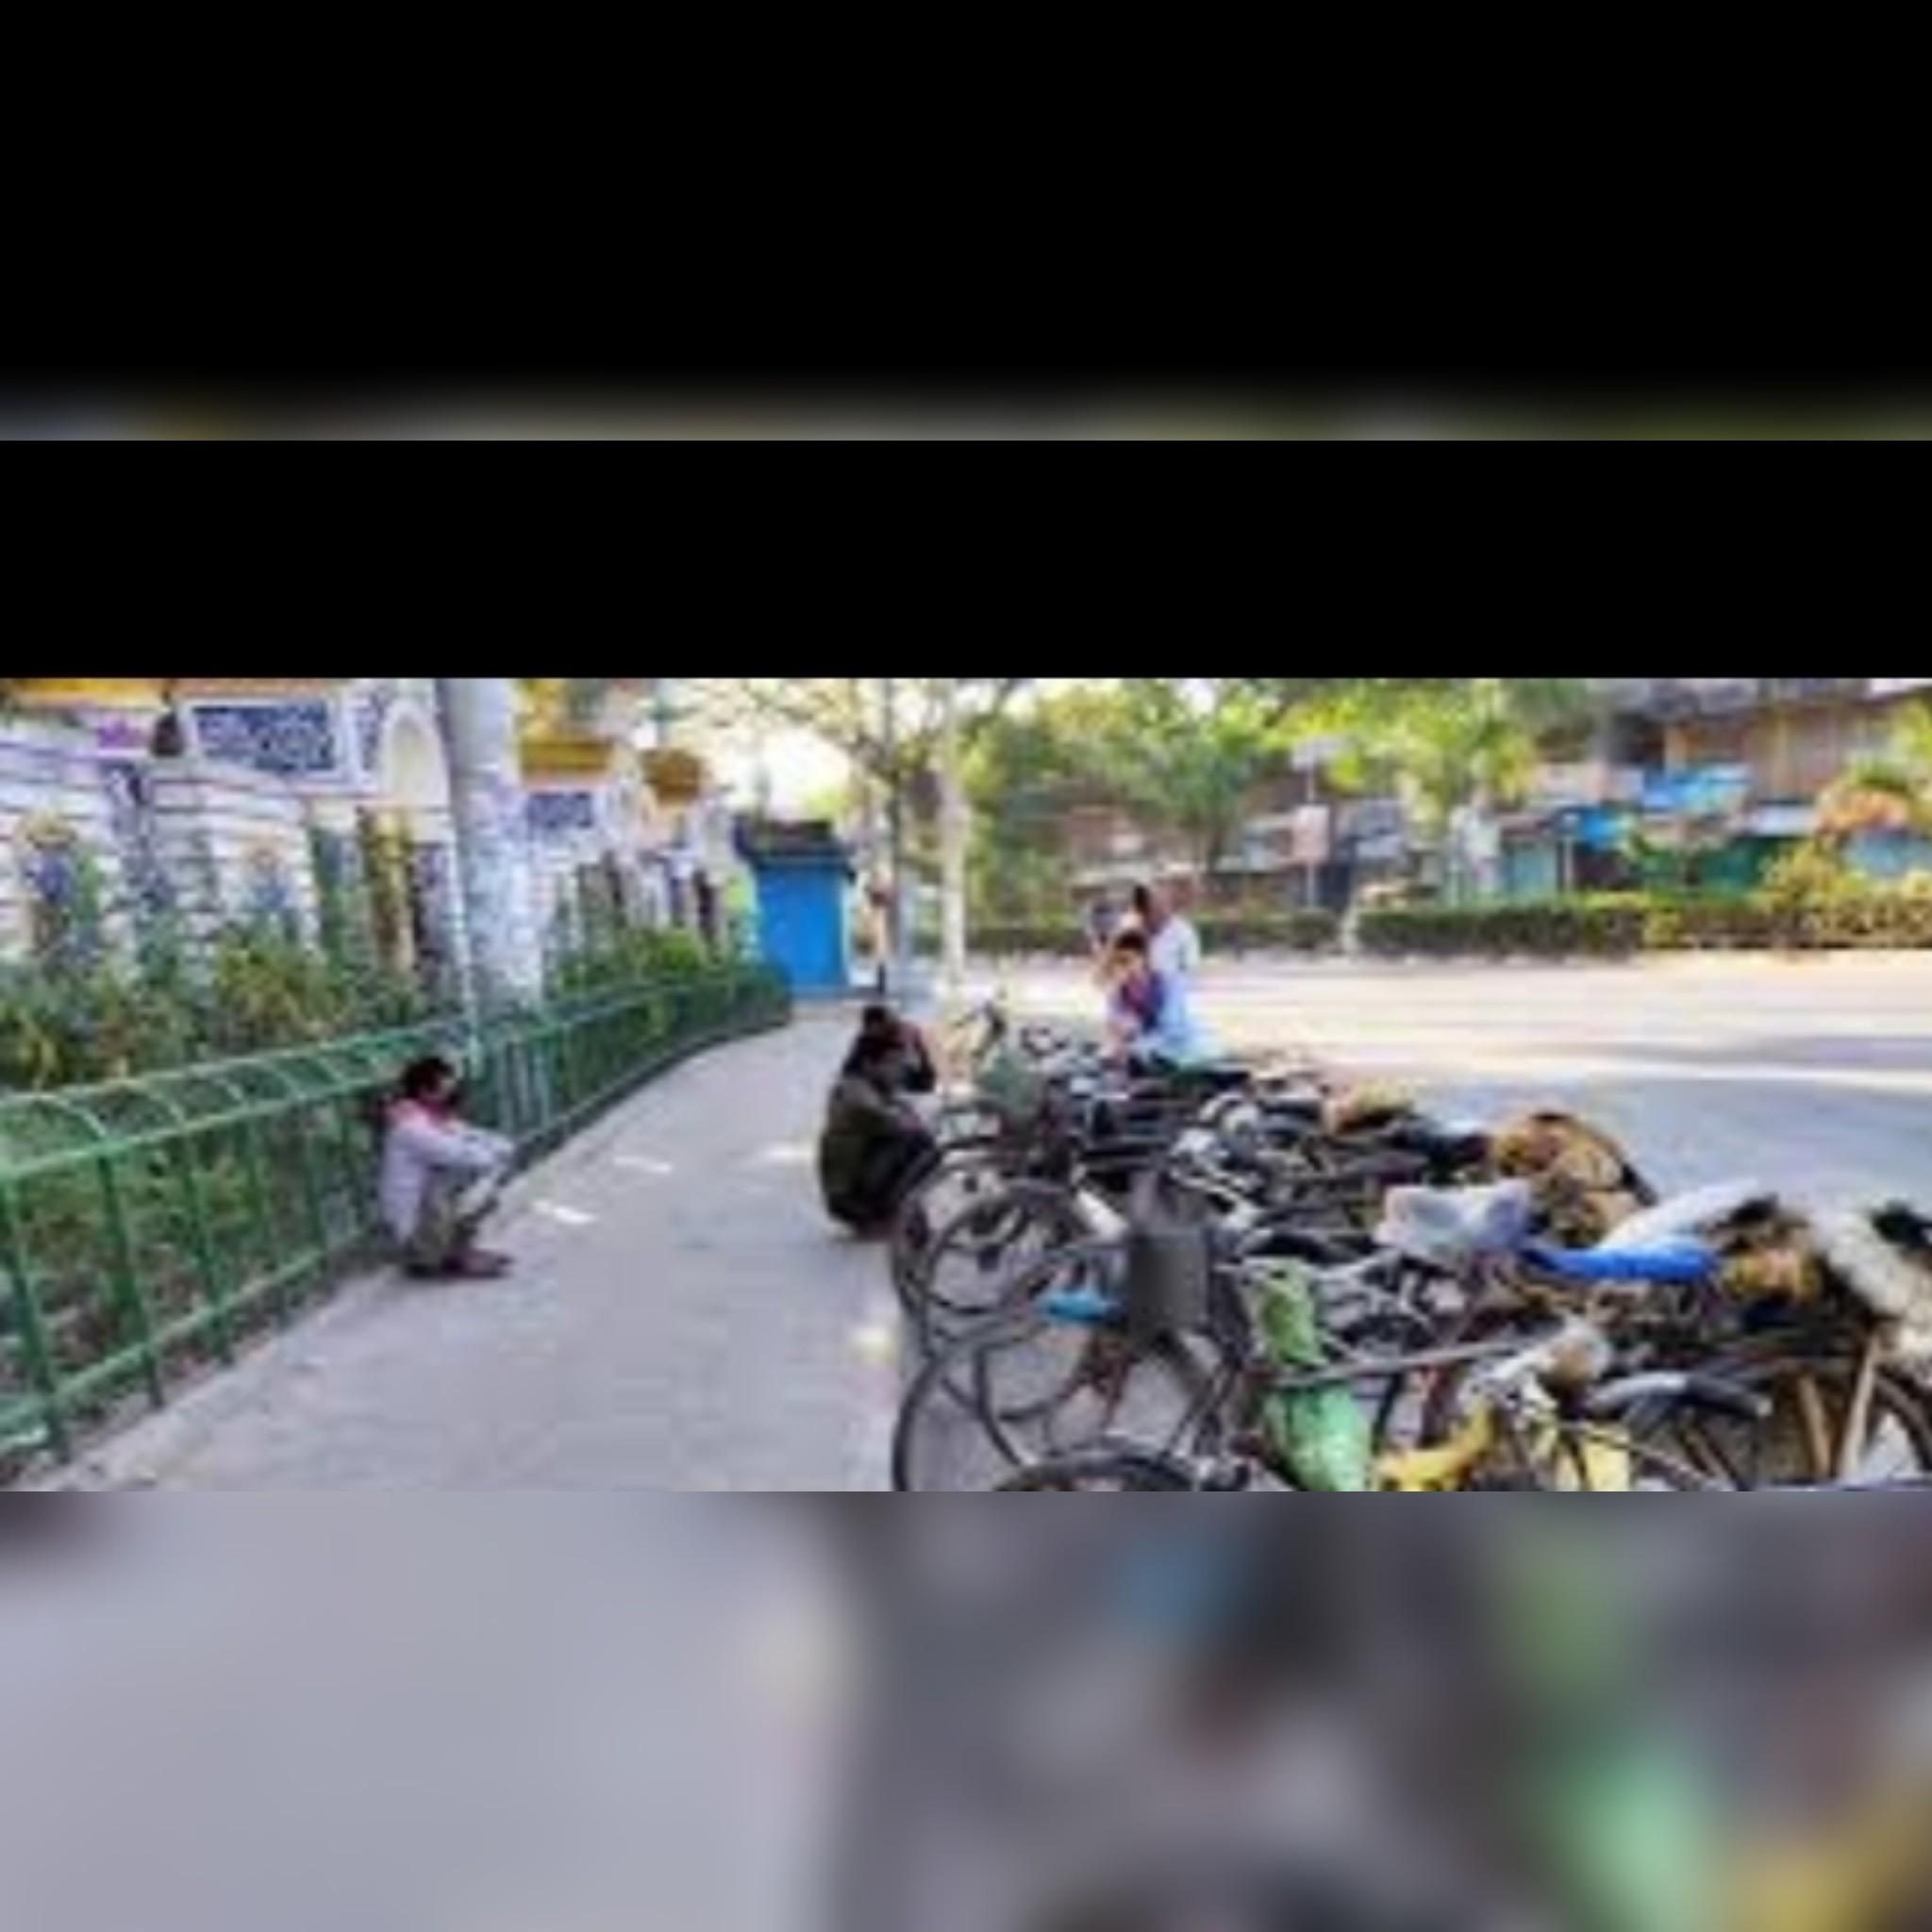 লকডাউনে রাজশাহীতে বিপাকে আছে খেটে খাওয়া মানুষ